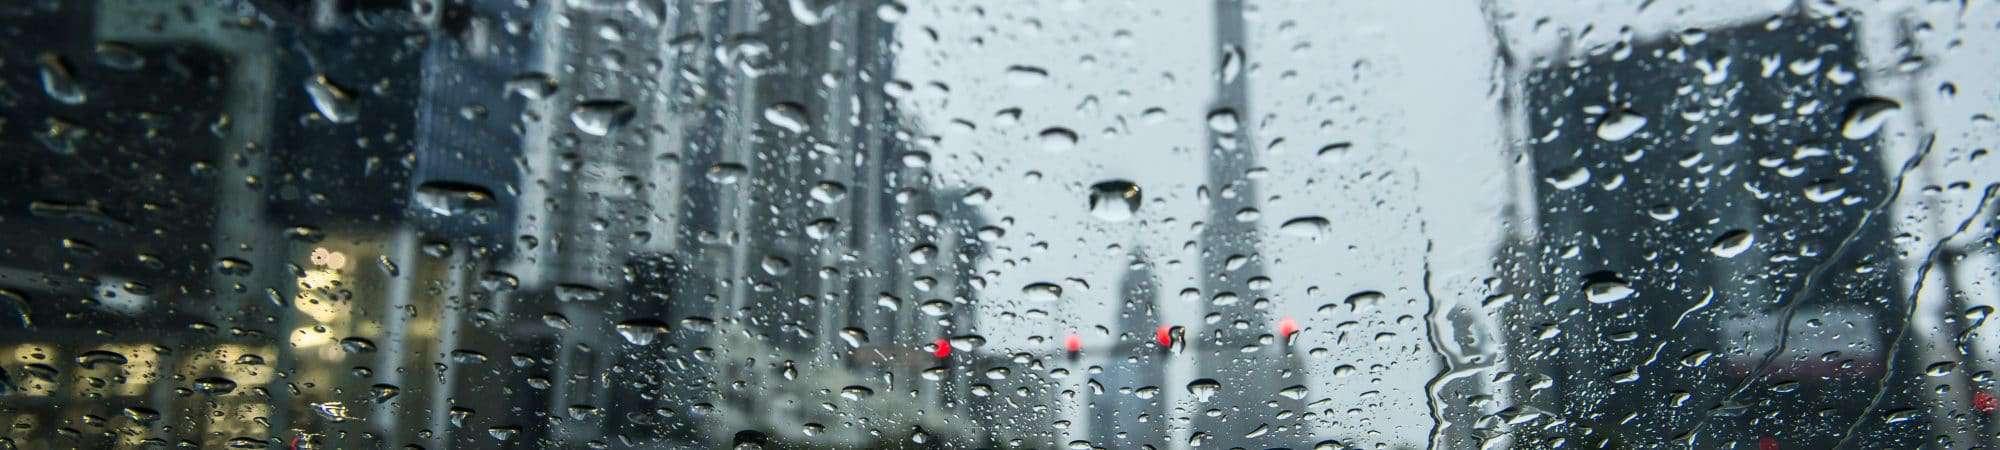 Lluvia en Dubai, Emiratos Árabes Unidos. Imagen: Naufal MQ / Reproducción / Shuttershock